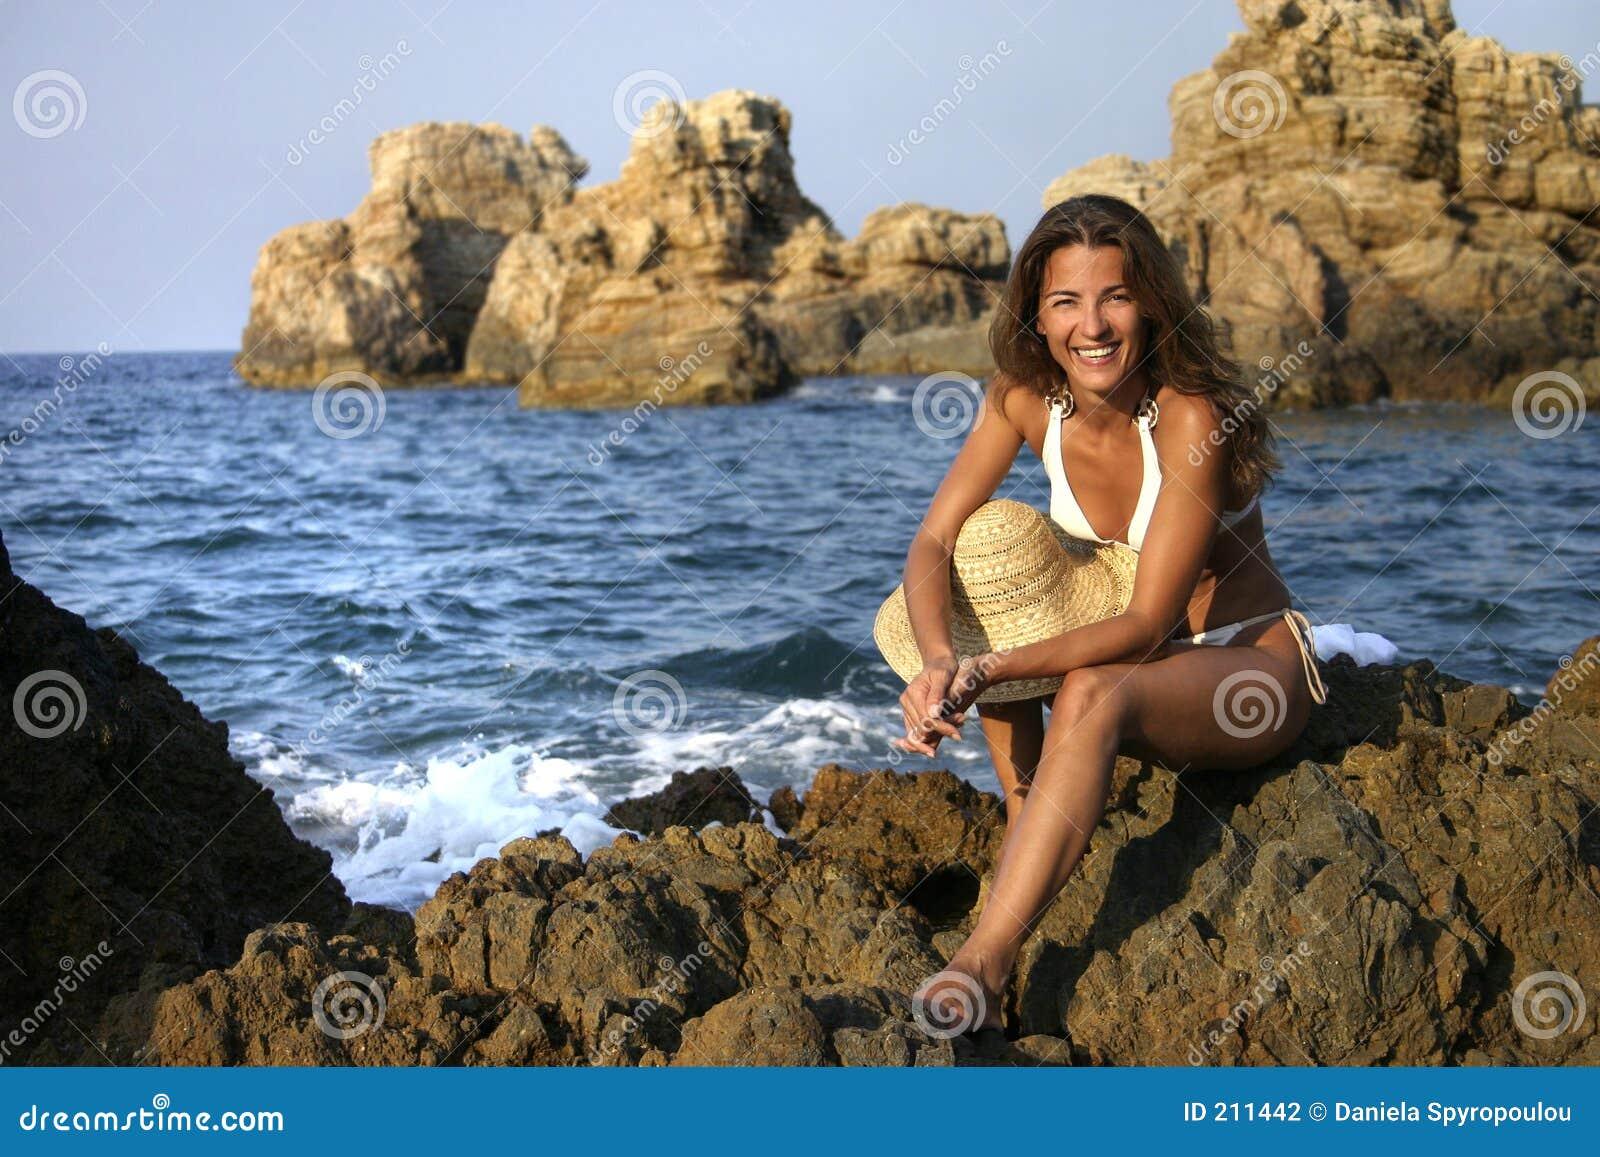 Download Ragazza felice fotografia stock. Immagine di distensione - 211442